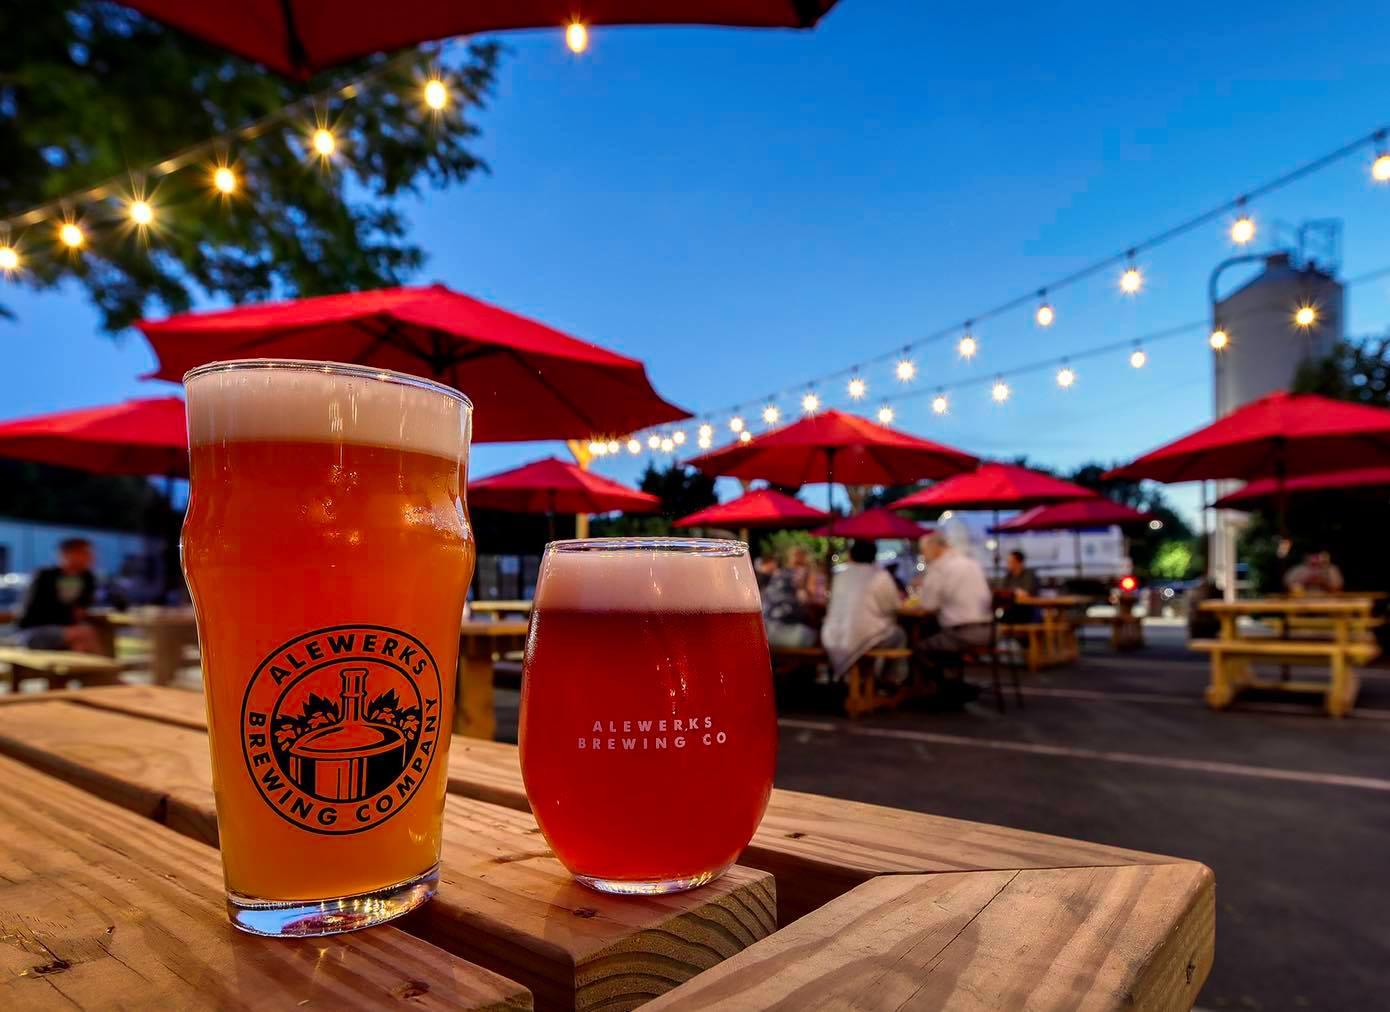 williamsburg virginia live music finder alewerks outdoor beer garden